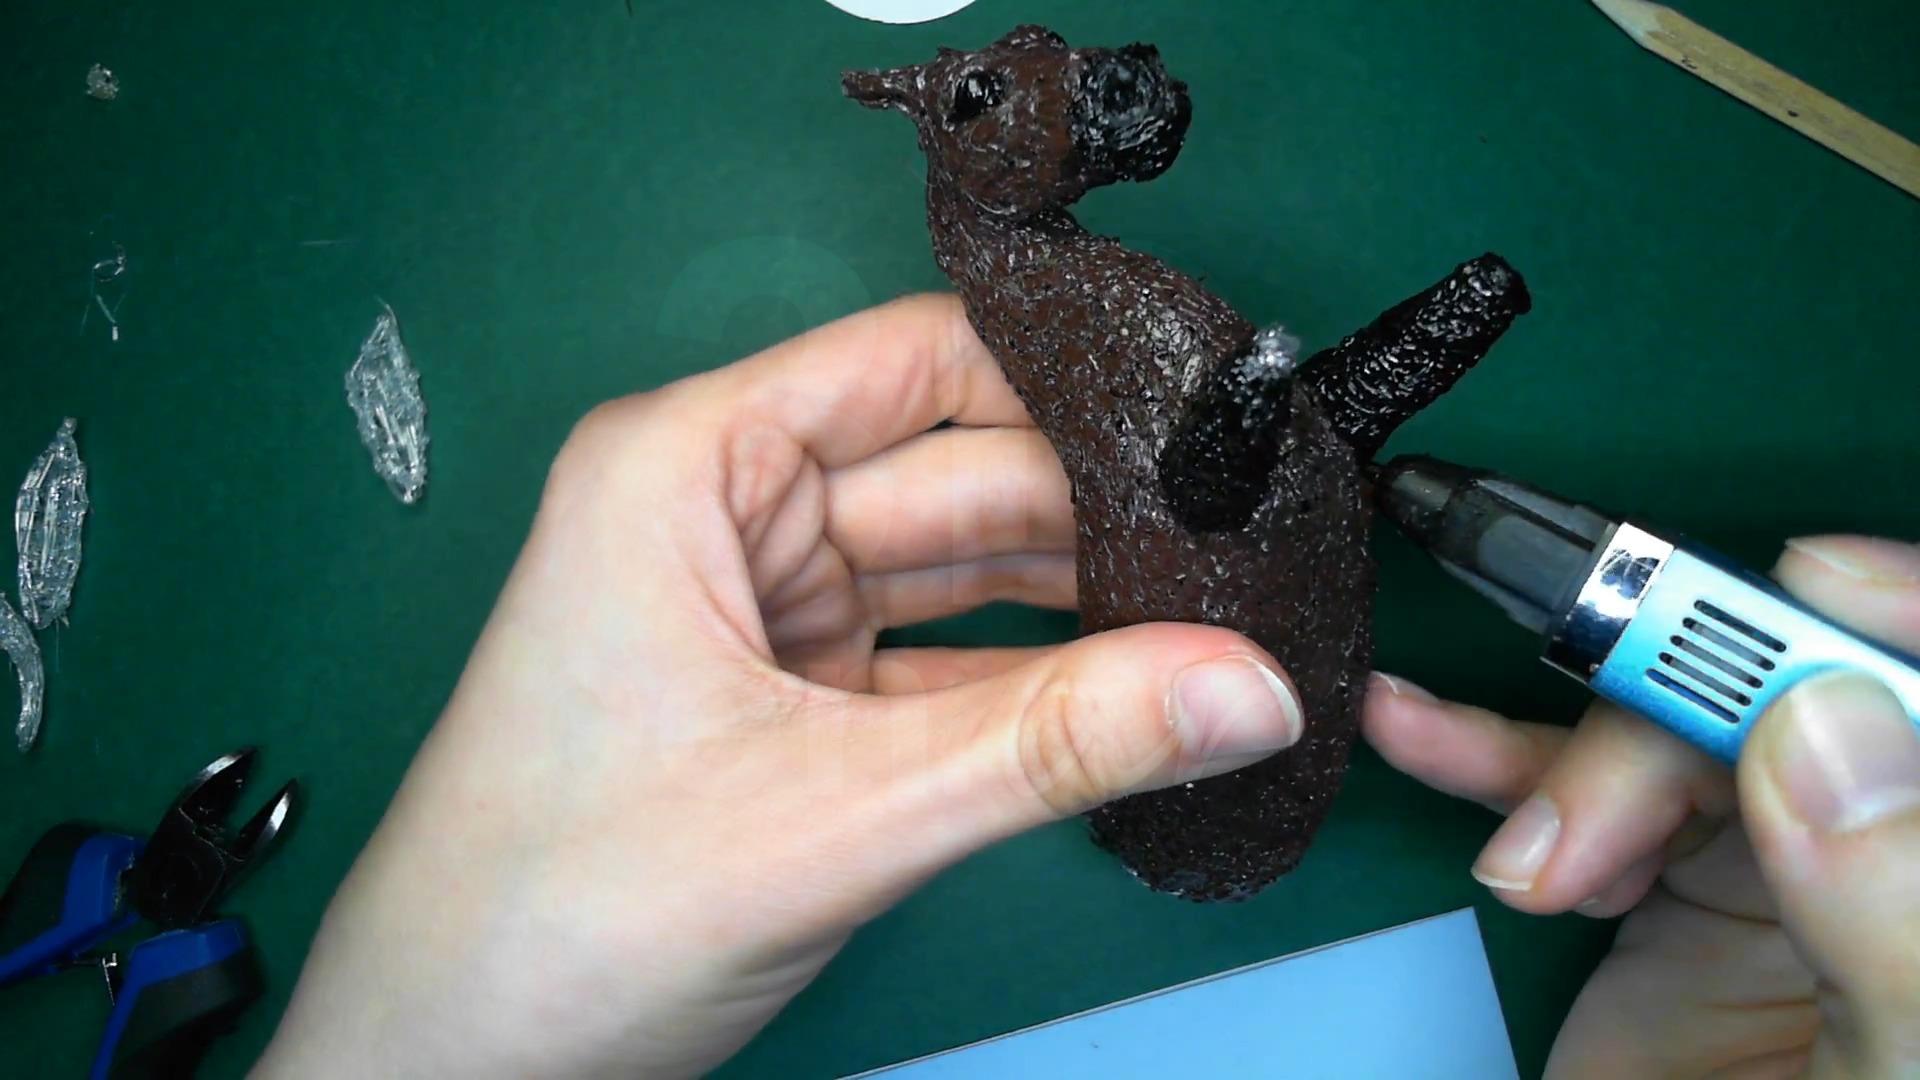 Лошадка 3D ручкой. Основания передних ног